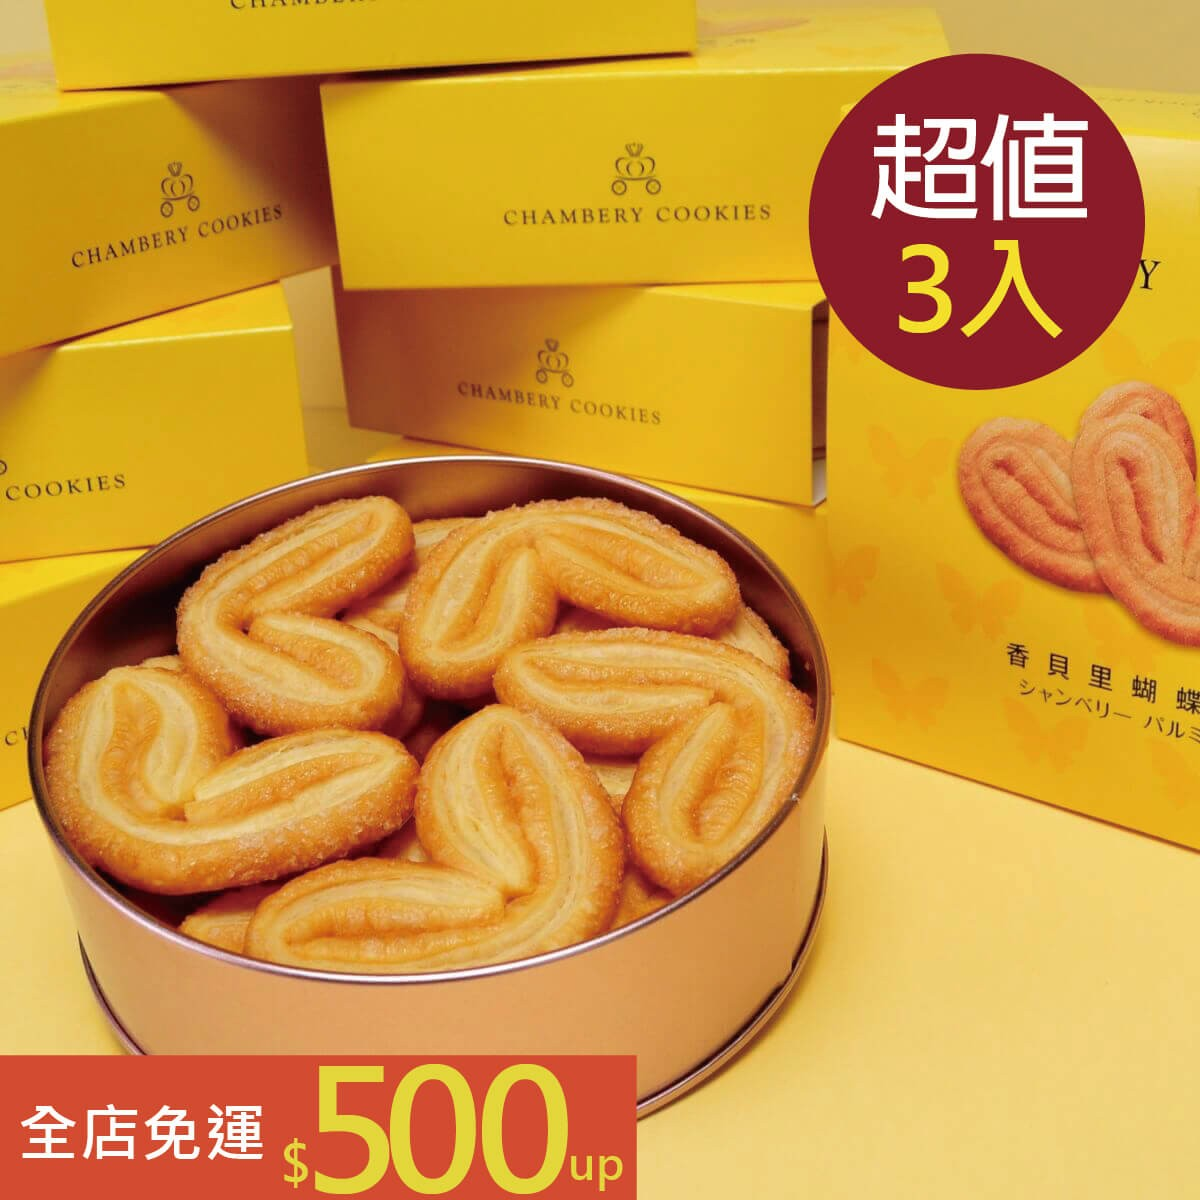 【免運!團購超省!】鐵盒餅乾3盒組